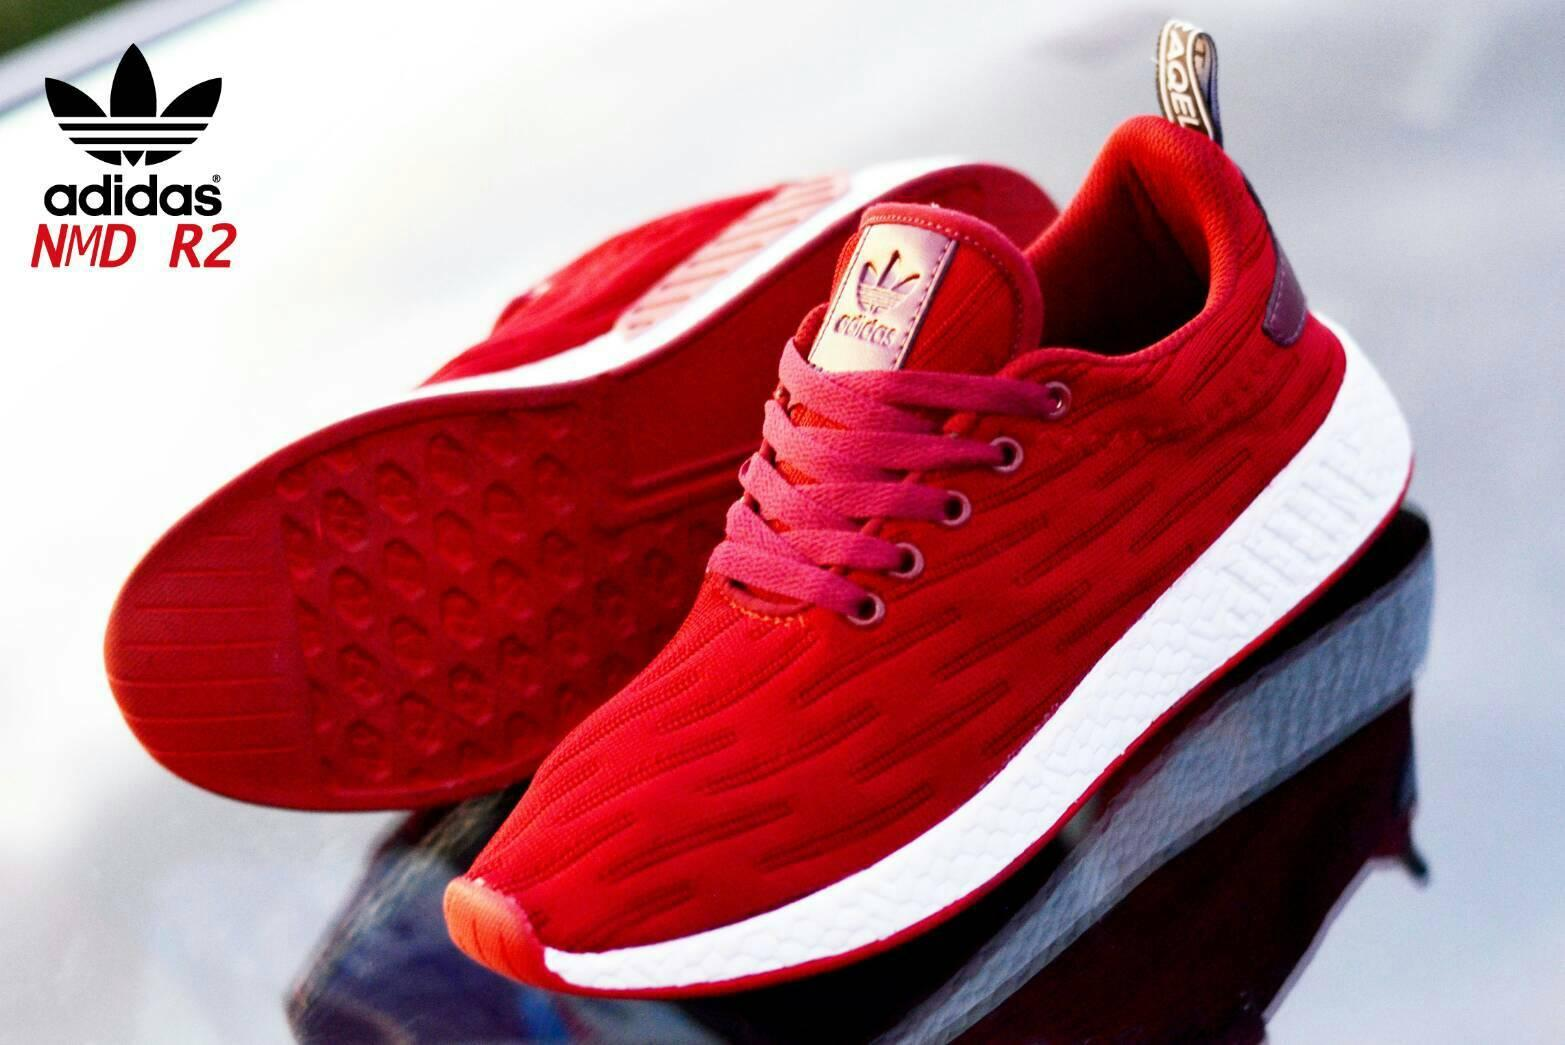 harga Sepatu Sport Adidas Pria MND R2 Sneakers Casual Sport Shoes Olahraga Santai Jogging Lari Futsal Running Sekolah Anak Slip On Slop Loafers Formal Pria dan Wanita Lazada.co.id